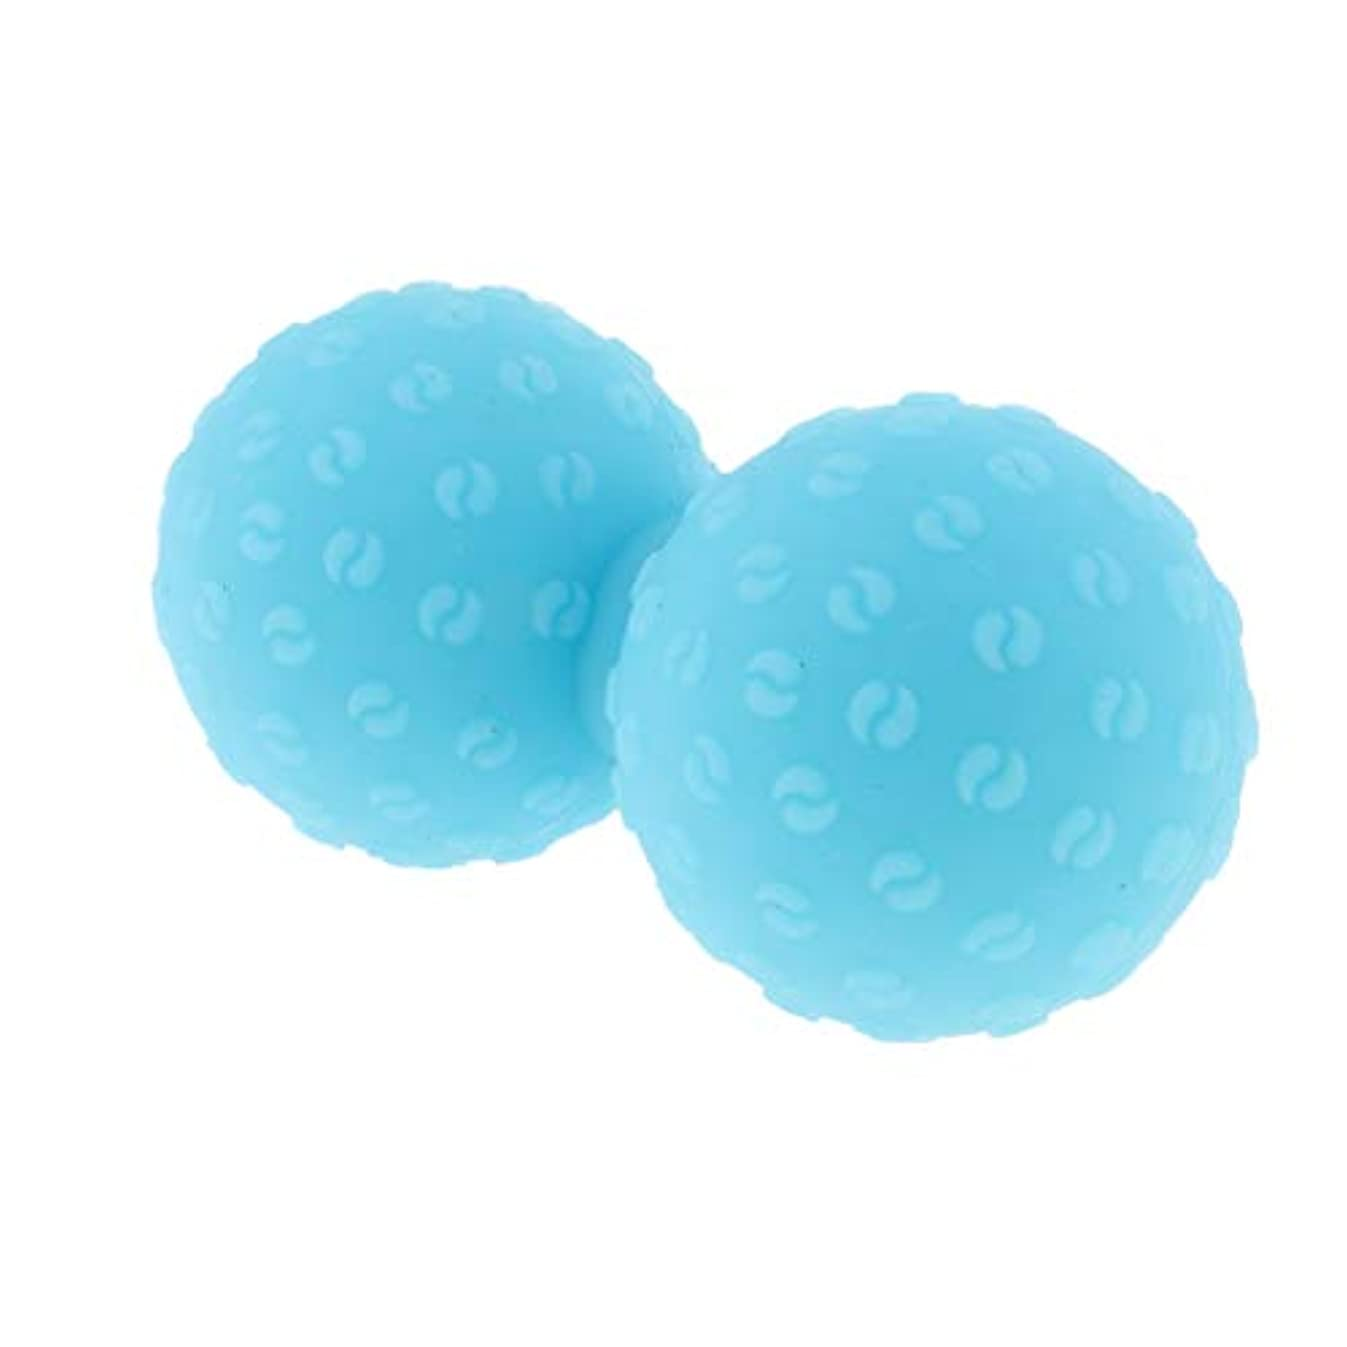 鏡慣らす限定シリコンマッサージボール 指圧ボール ピーナッツ トリガーポイント ツボ押しグッズ ヨガ 全6色 - 青, 説明のとおり